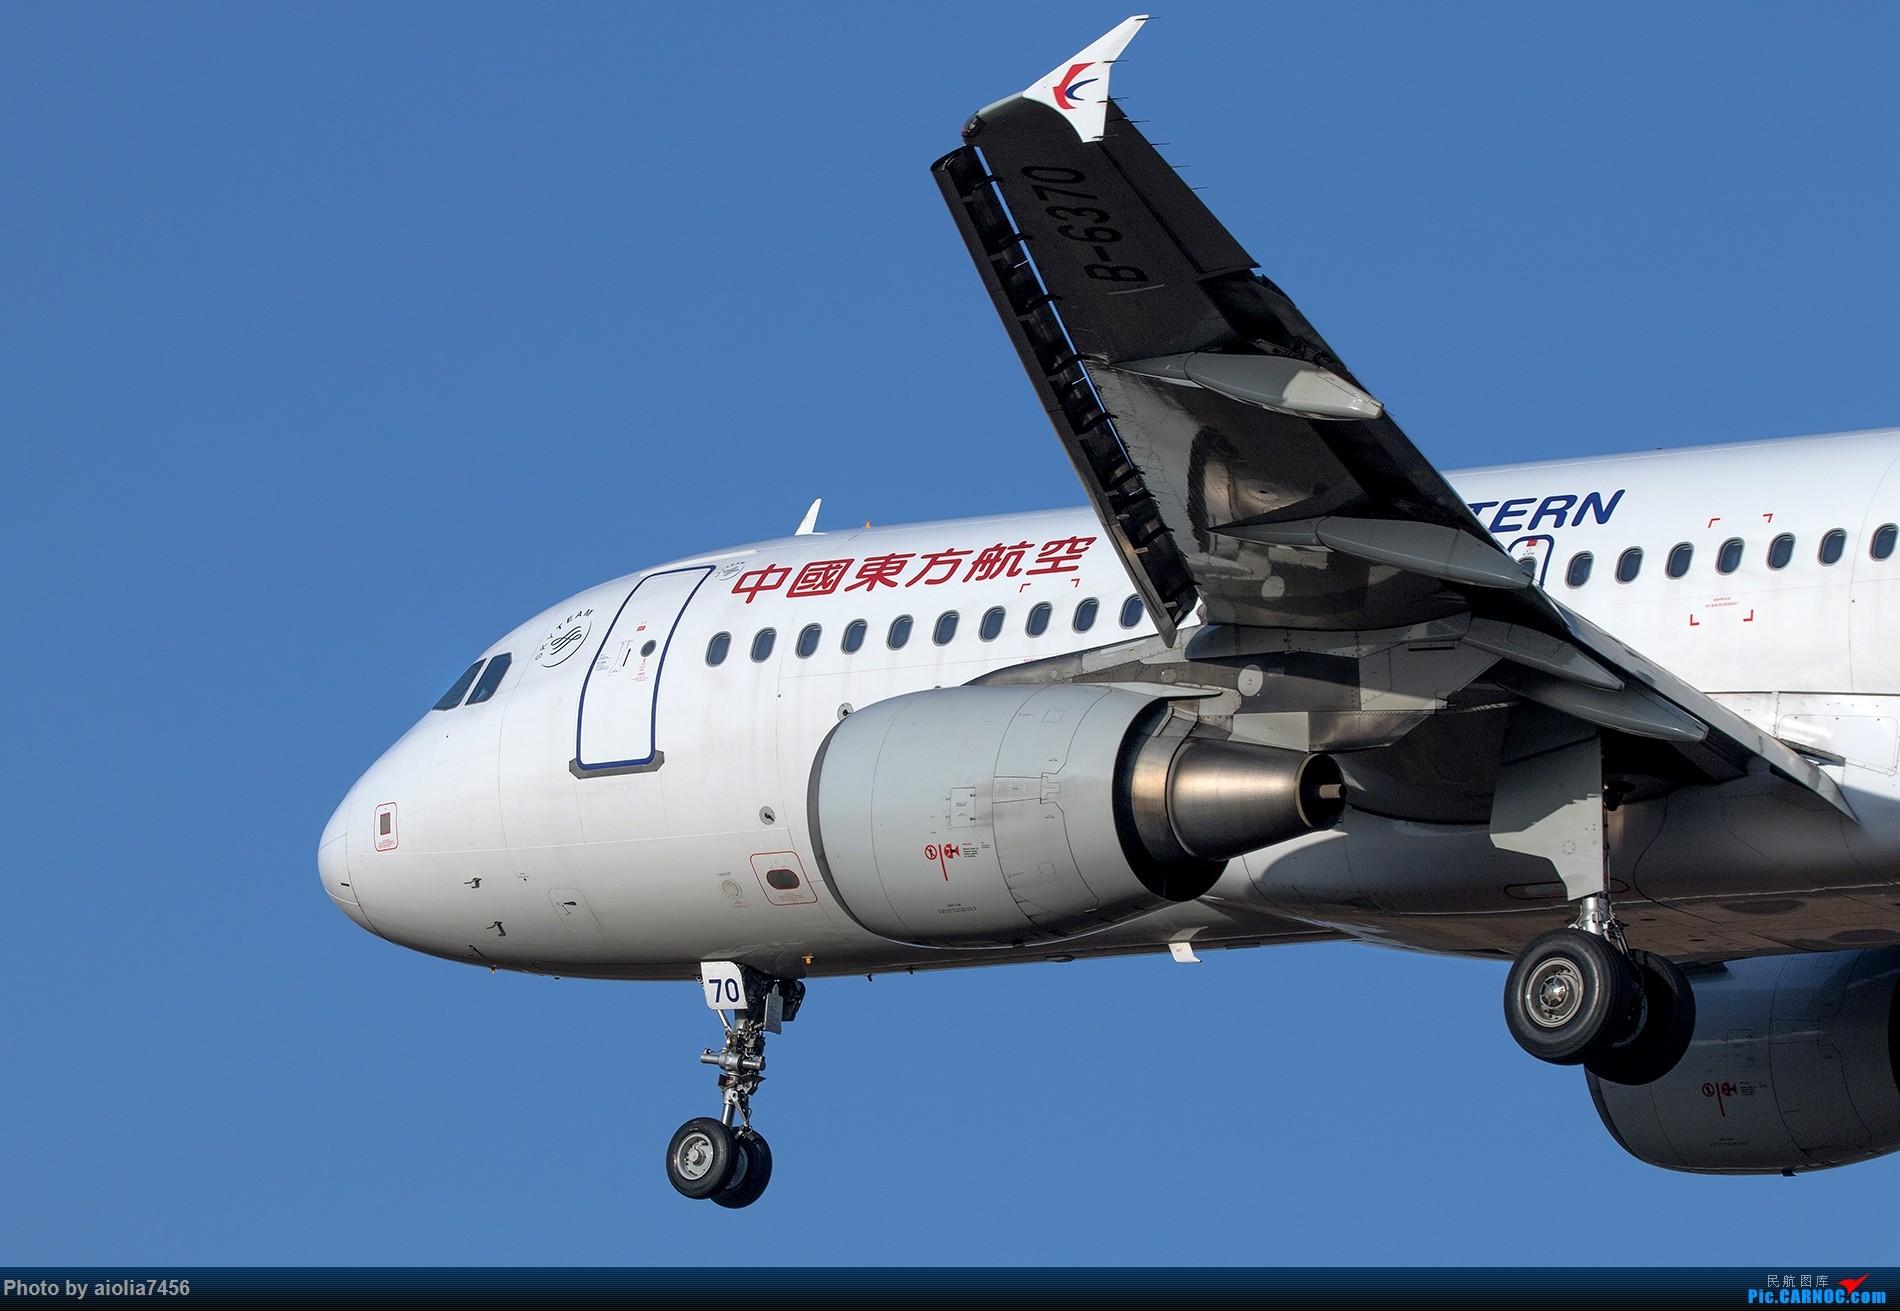 Re:[原创][霸都打鸡队]秋过长空碧如洗,谁道我桥无蓝天? AIRBUS A320-200 B-6370 中国合肥新桥国际机场